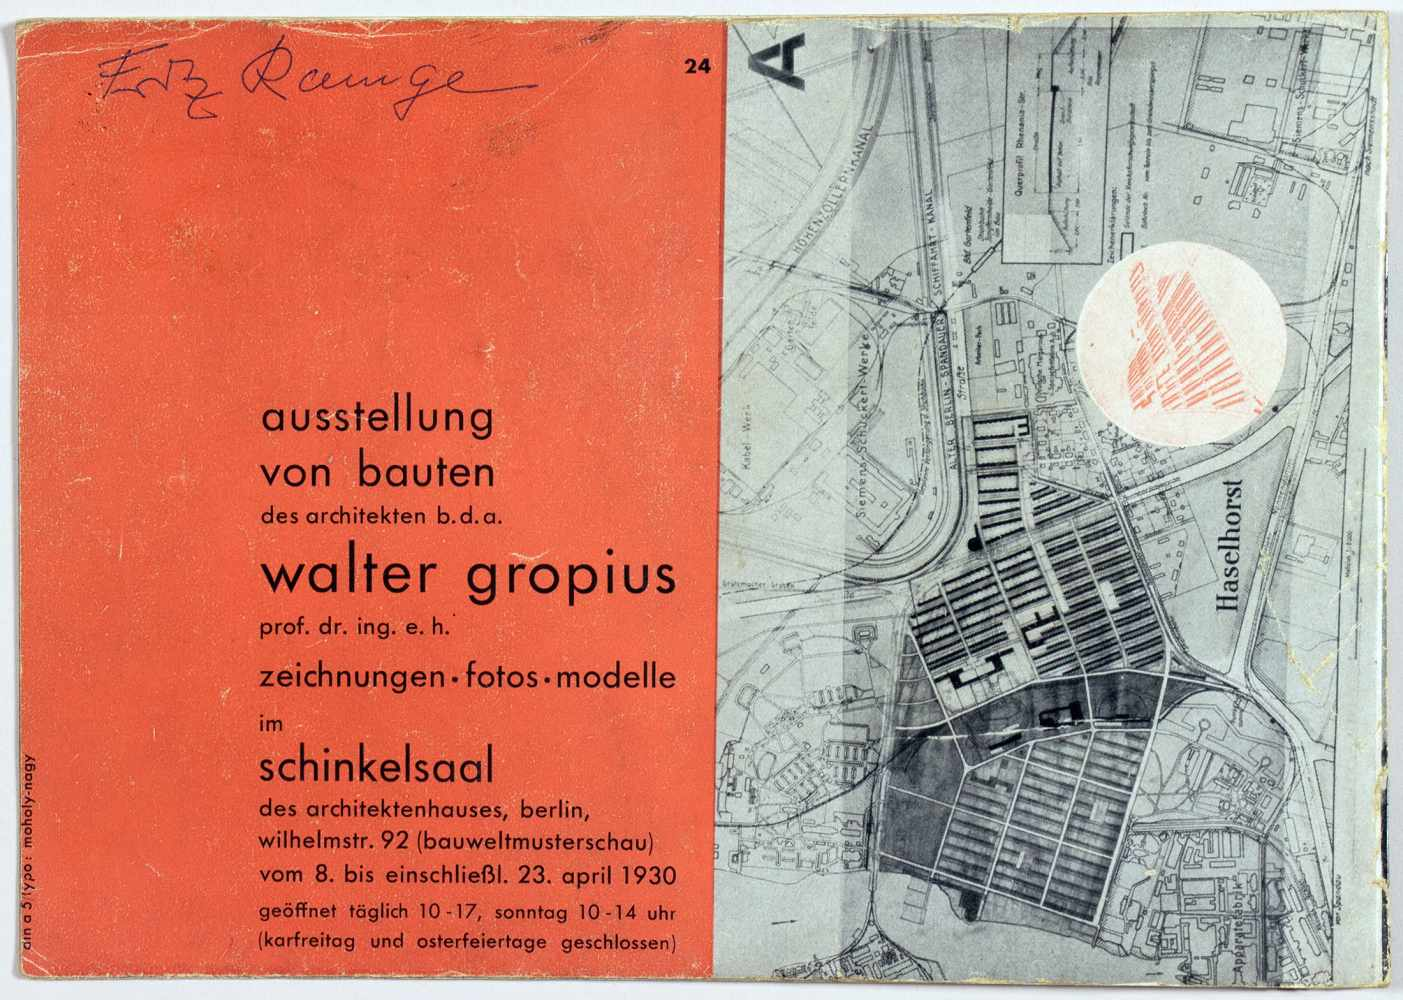 Laszlo Moholy-Nagy - Ausstellung Walter Gropius. Zeichnungen, Fotos, Modelle in der ständigen - Image 8 of 8